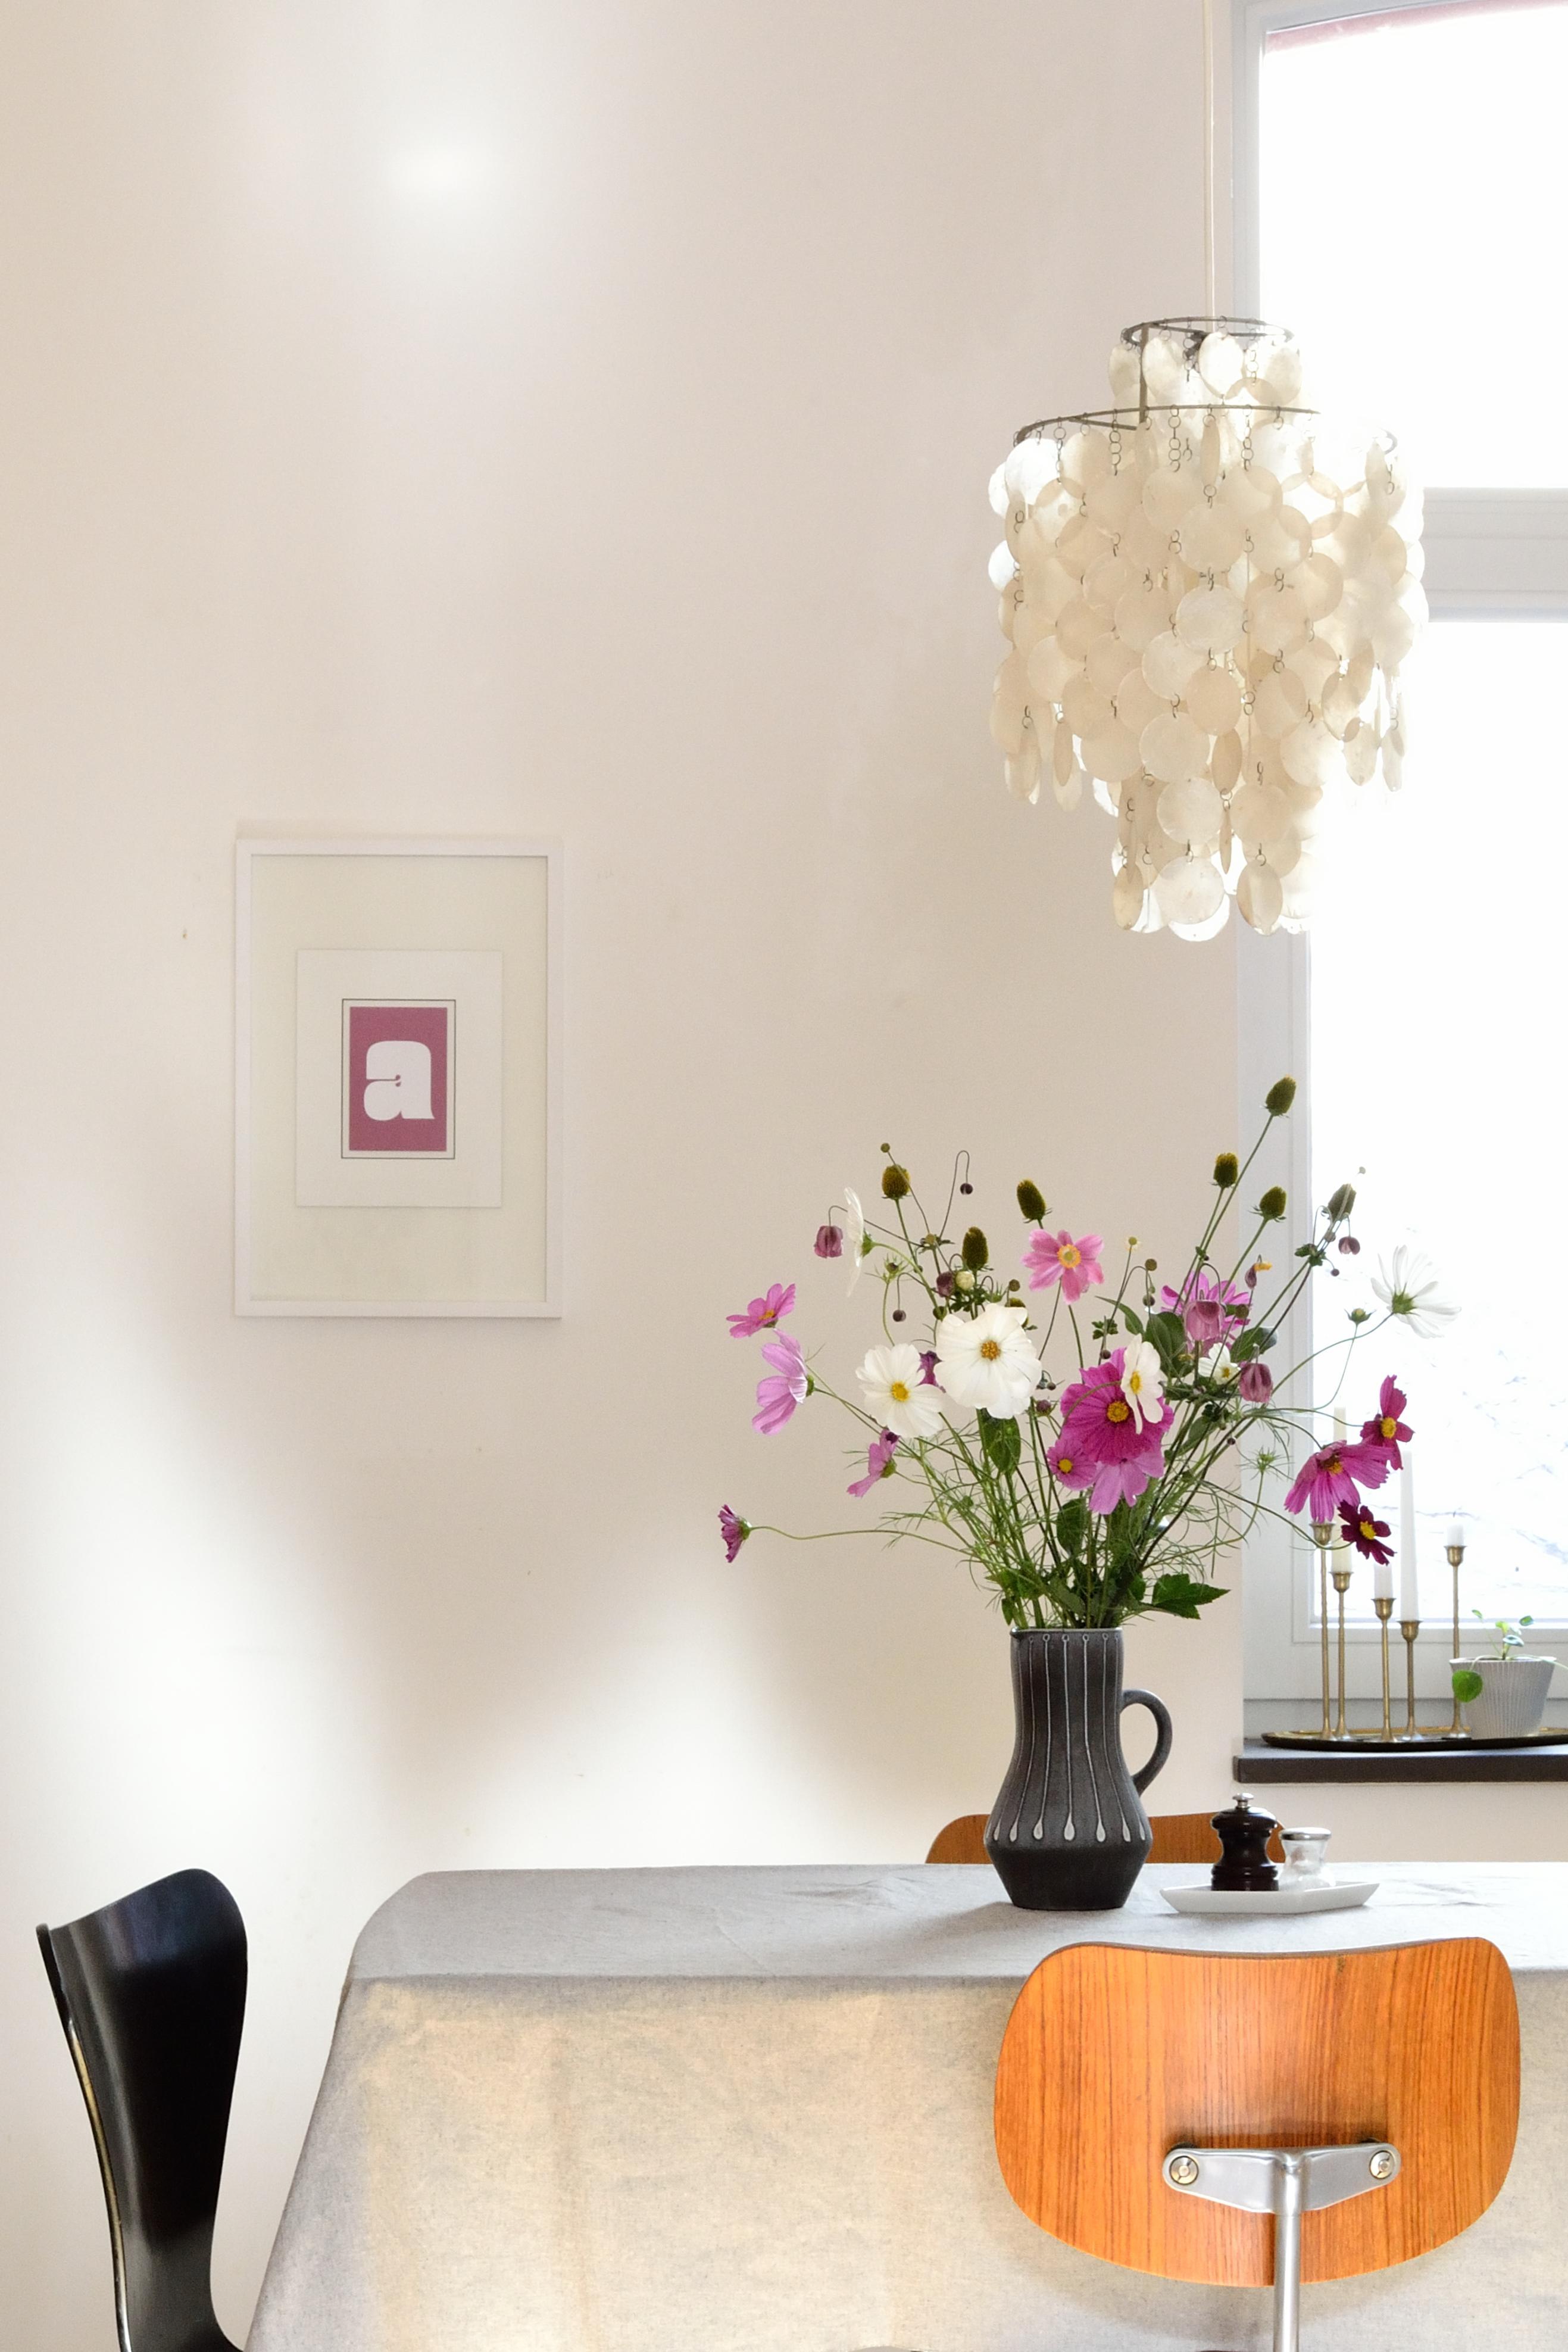 altbau bilder ideen couchstyle. Black Bedroom Furniture Sets. Home Design Ideas